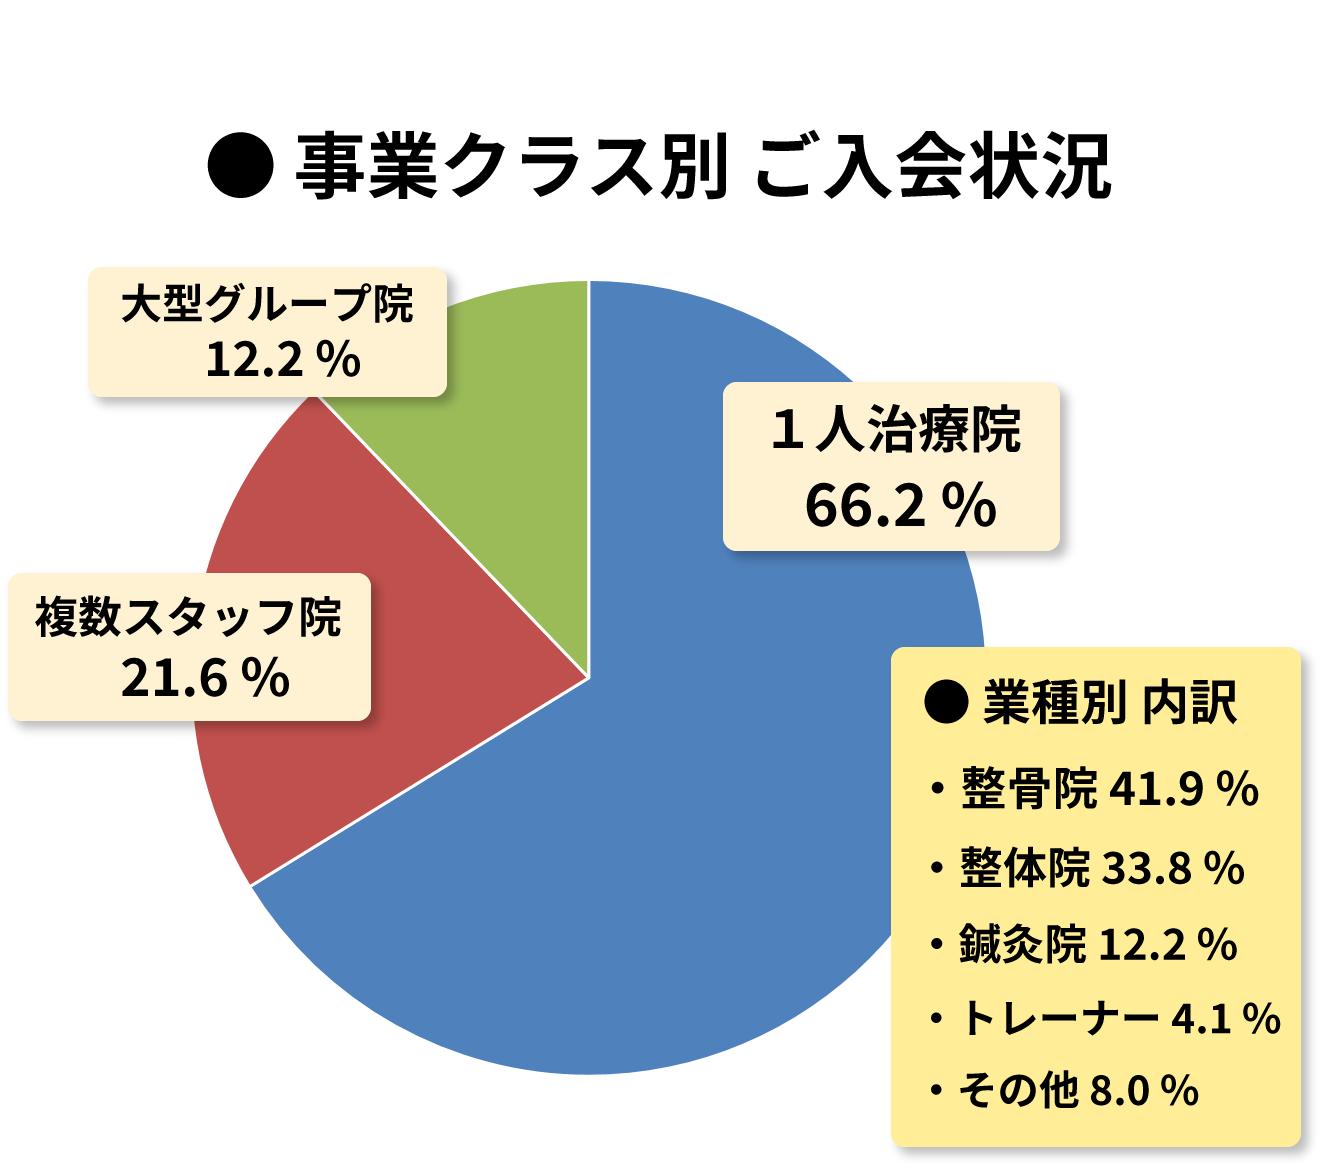 事業クラス別 業種別 内訳グラフ